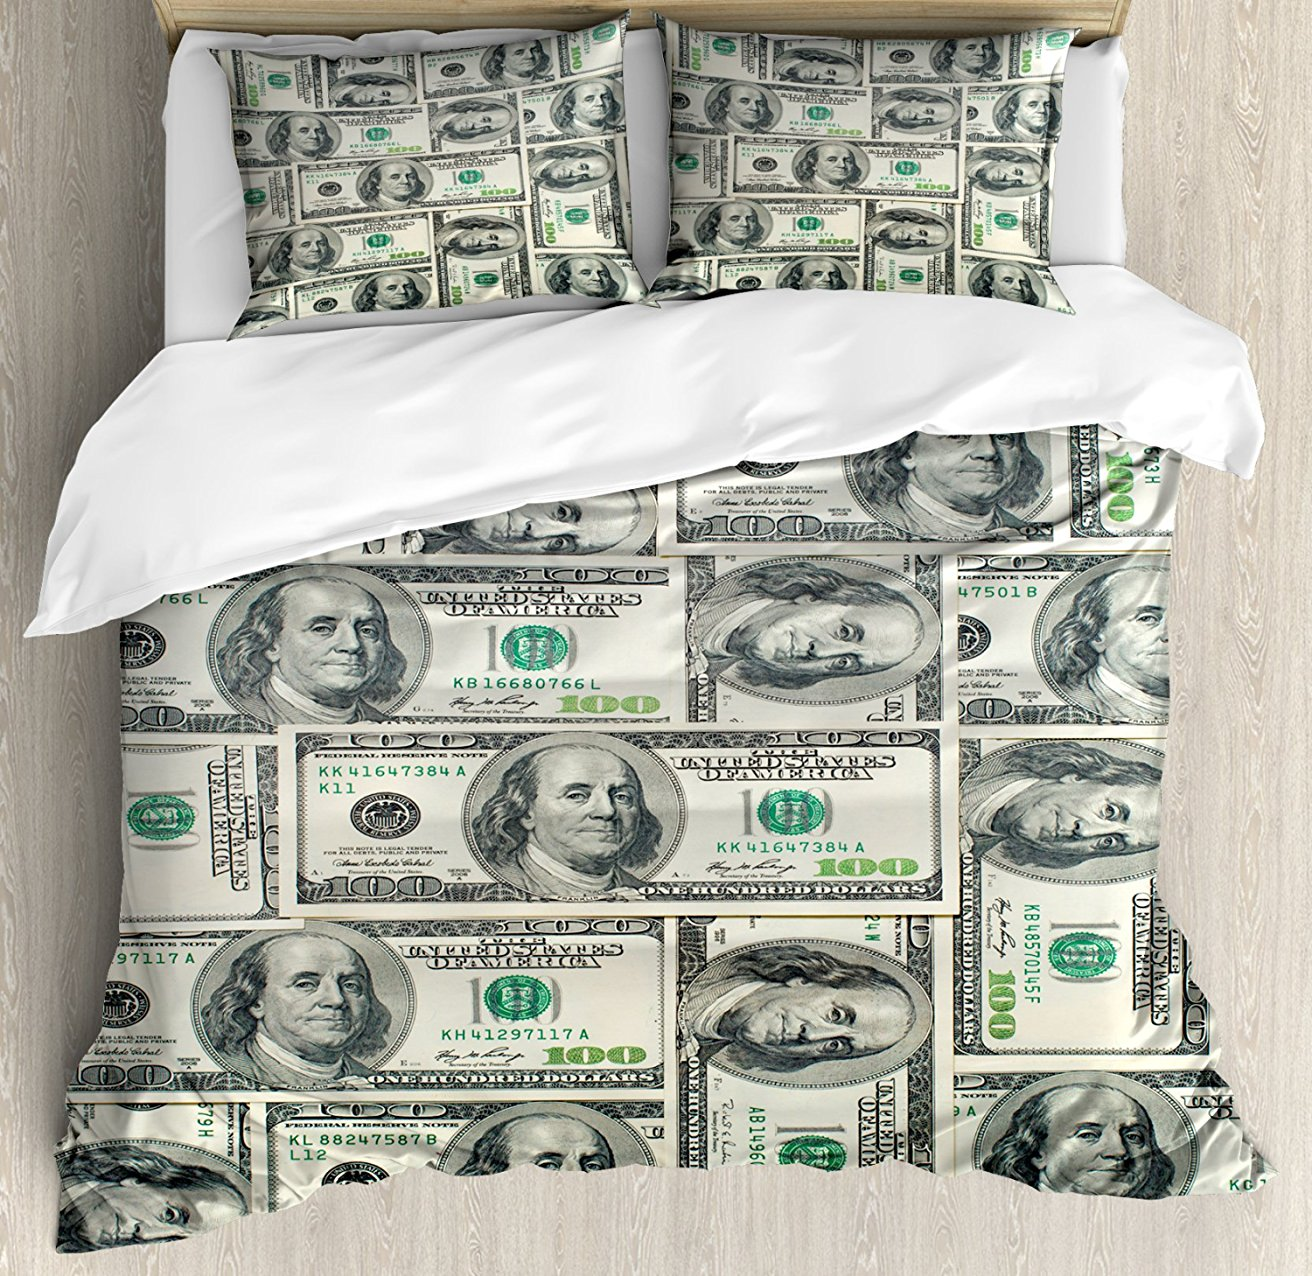 Money пододеяльник набор долларов купюр США Federal резерв с портретом Бена Франклина Декор 4 комплект постельного белья